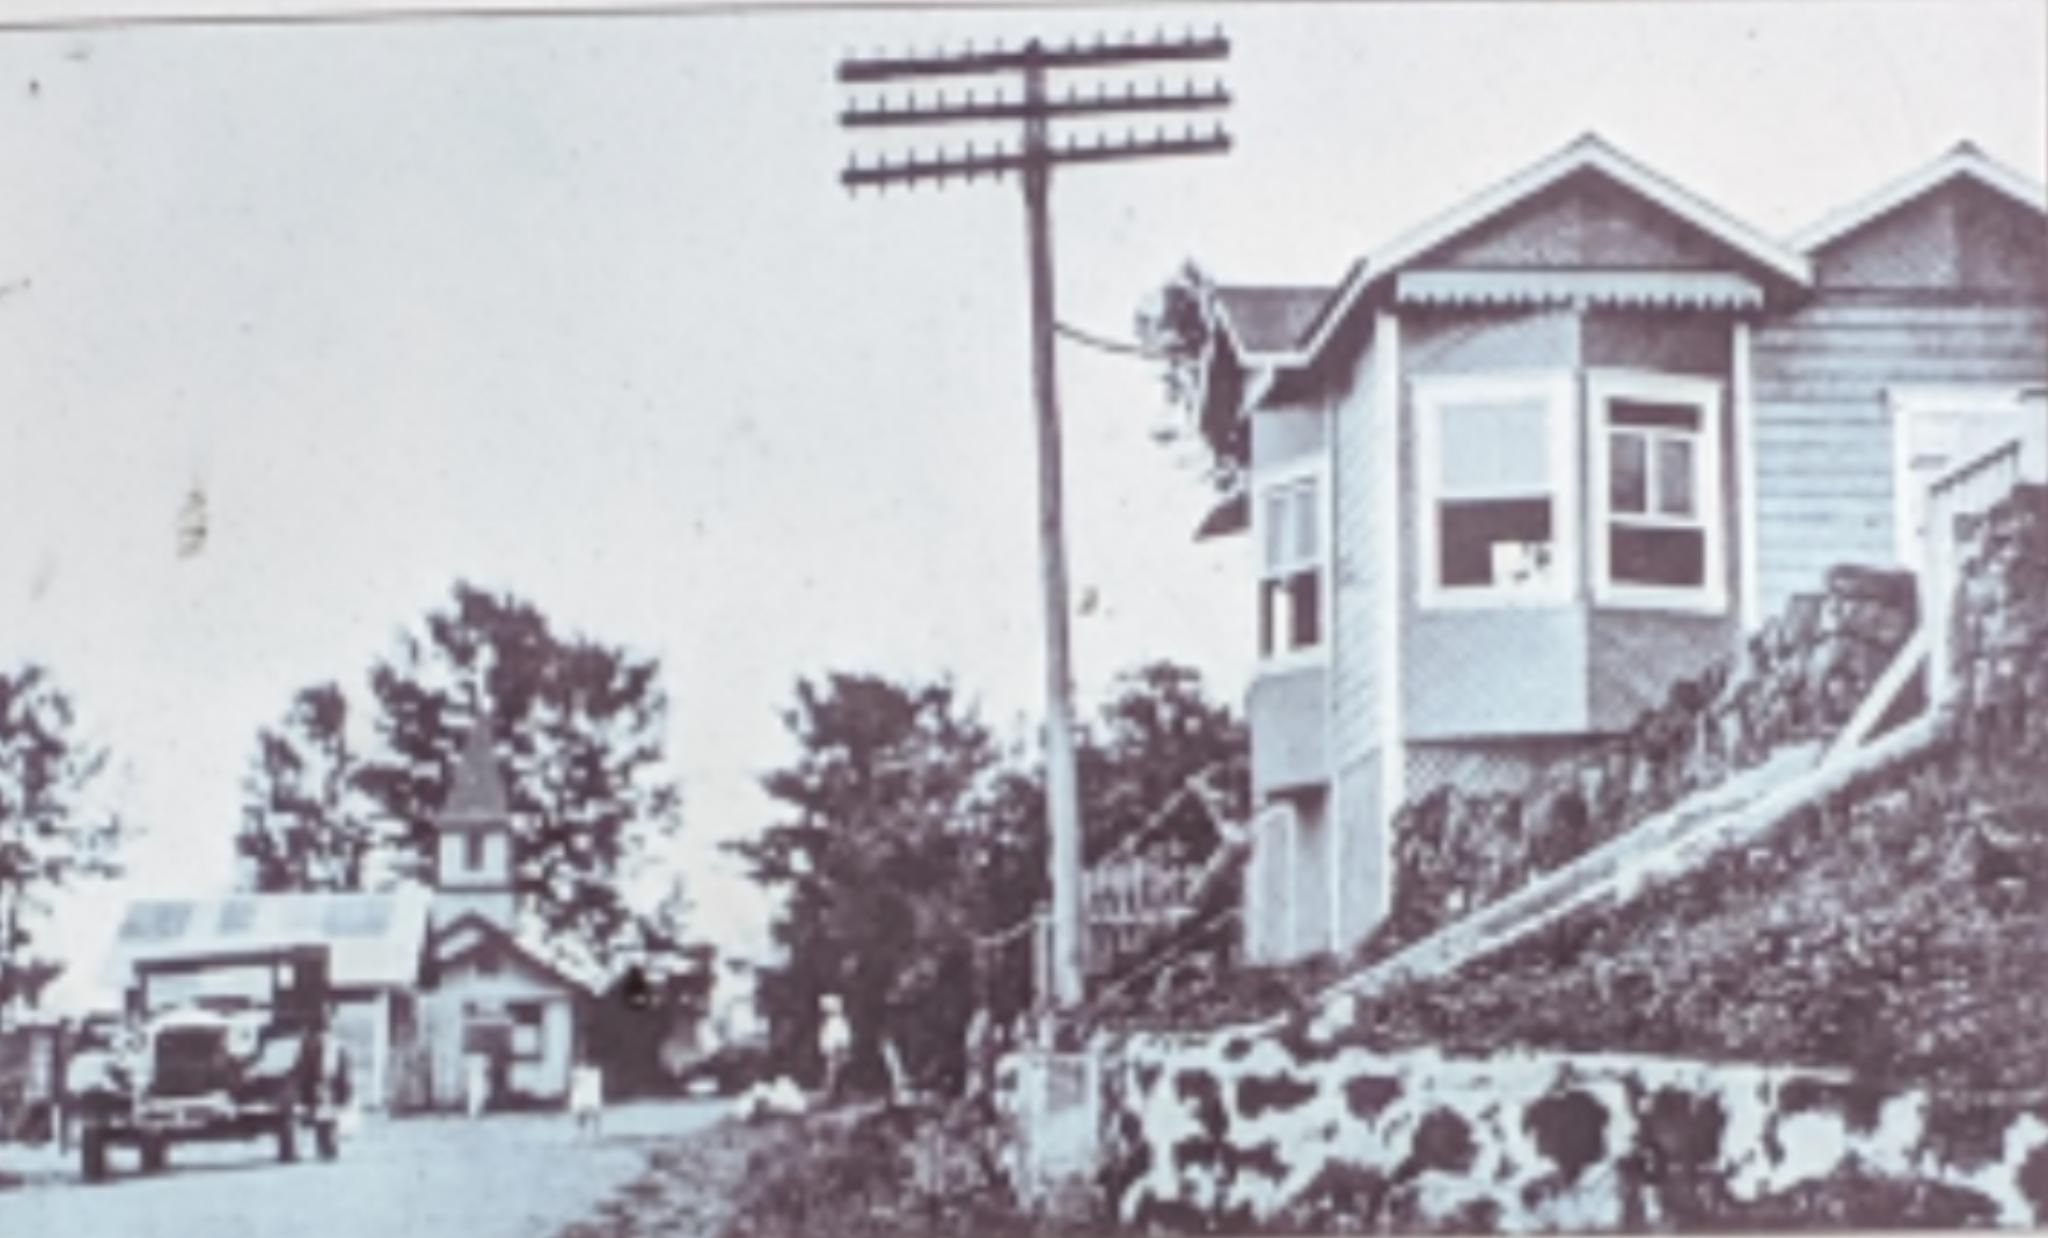 Holualoa Telephone Central Office - 1920s (Ueda)